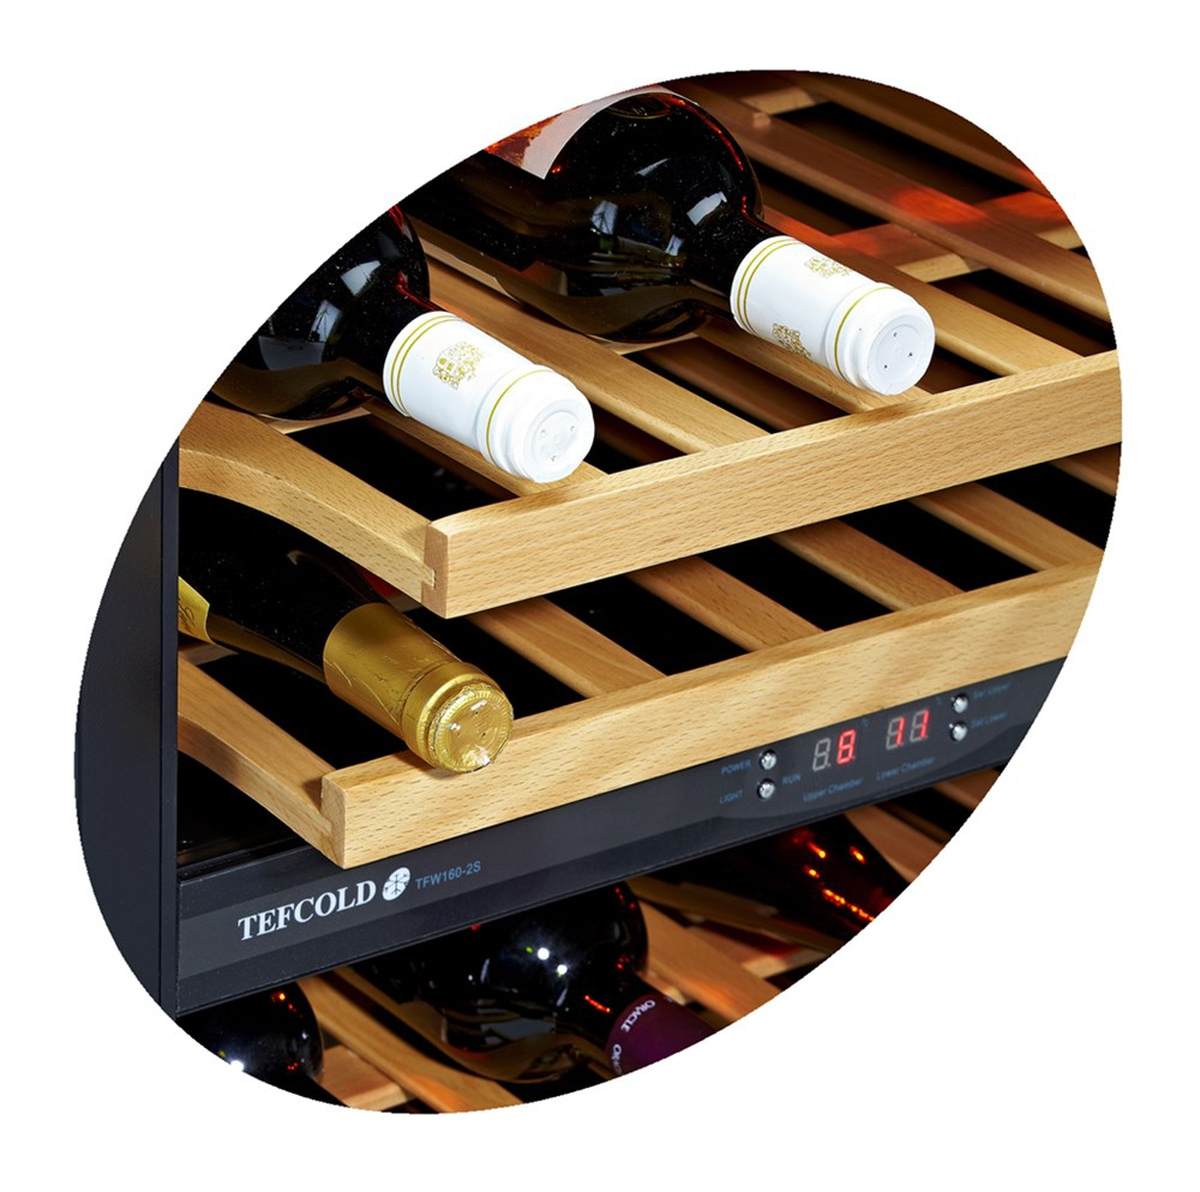 Tefcold vin kjøleskap svart 82 cm TFW160-2S